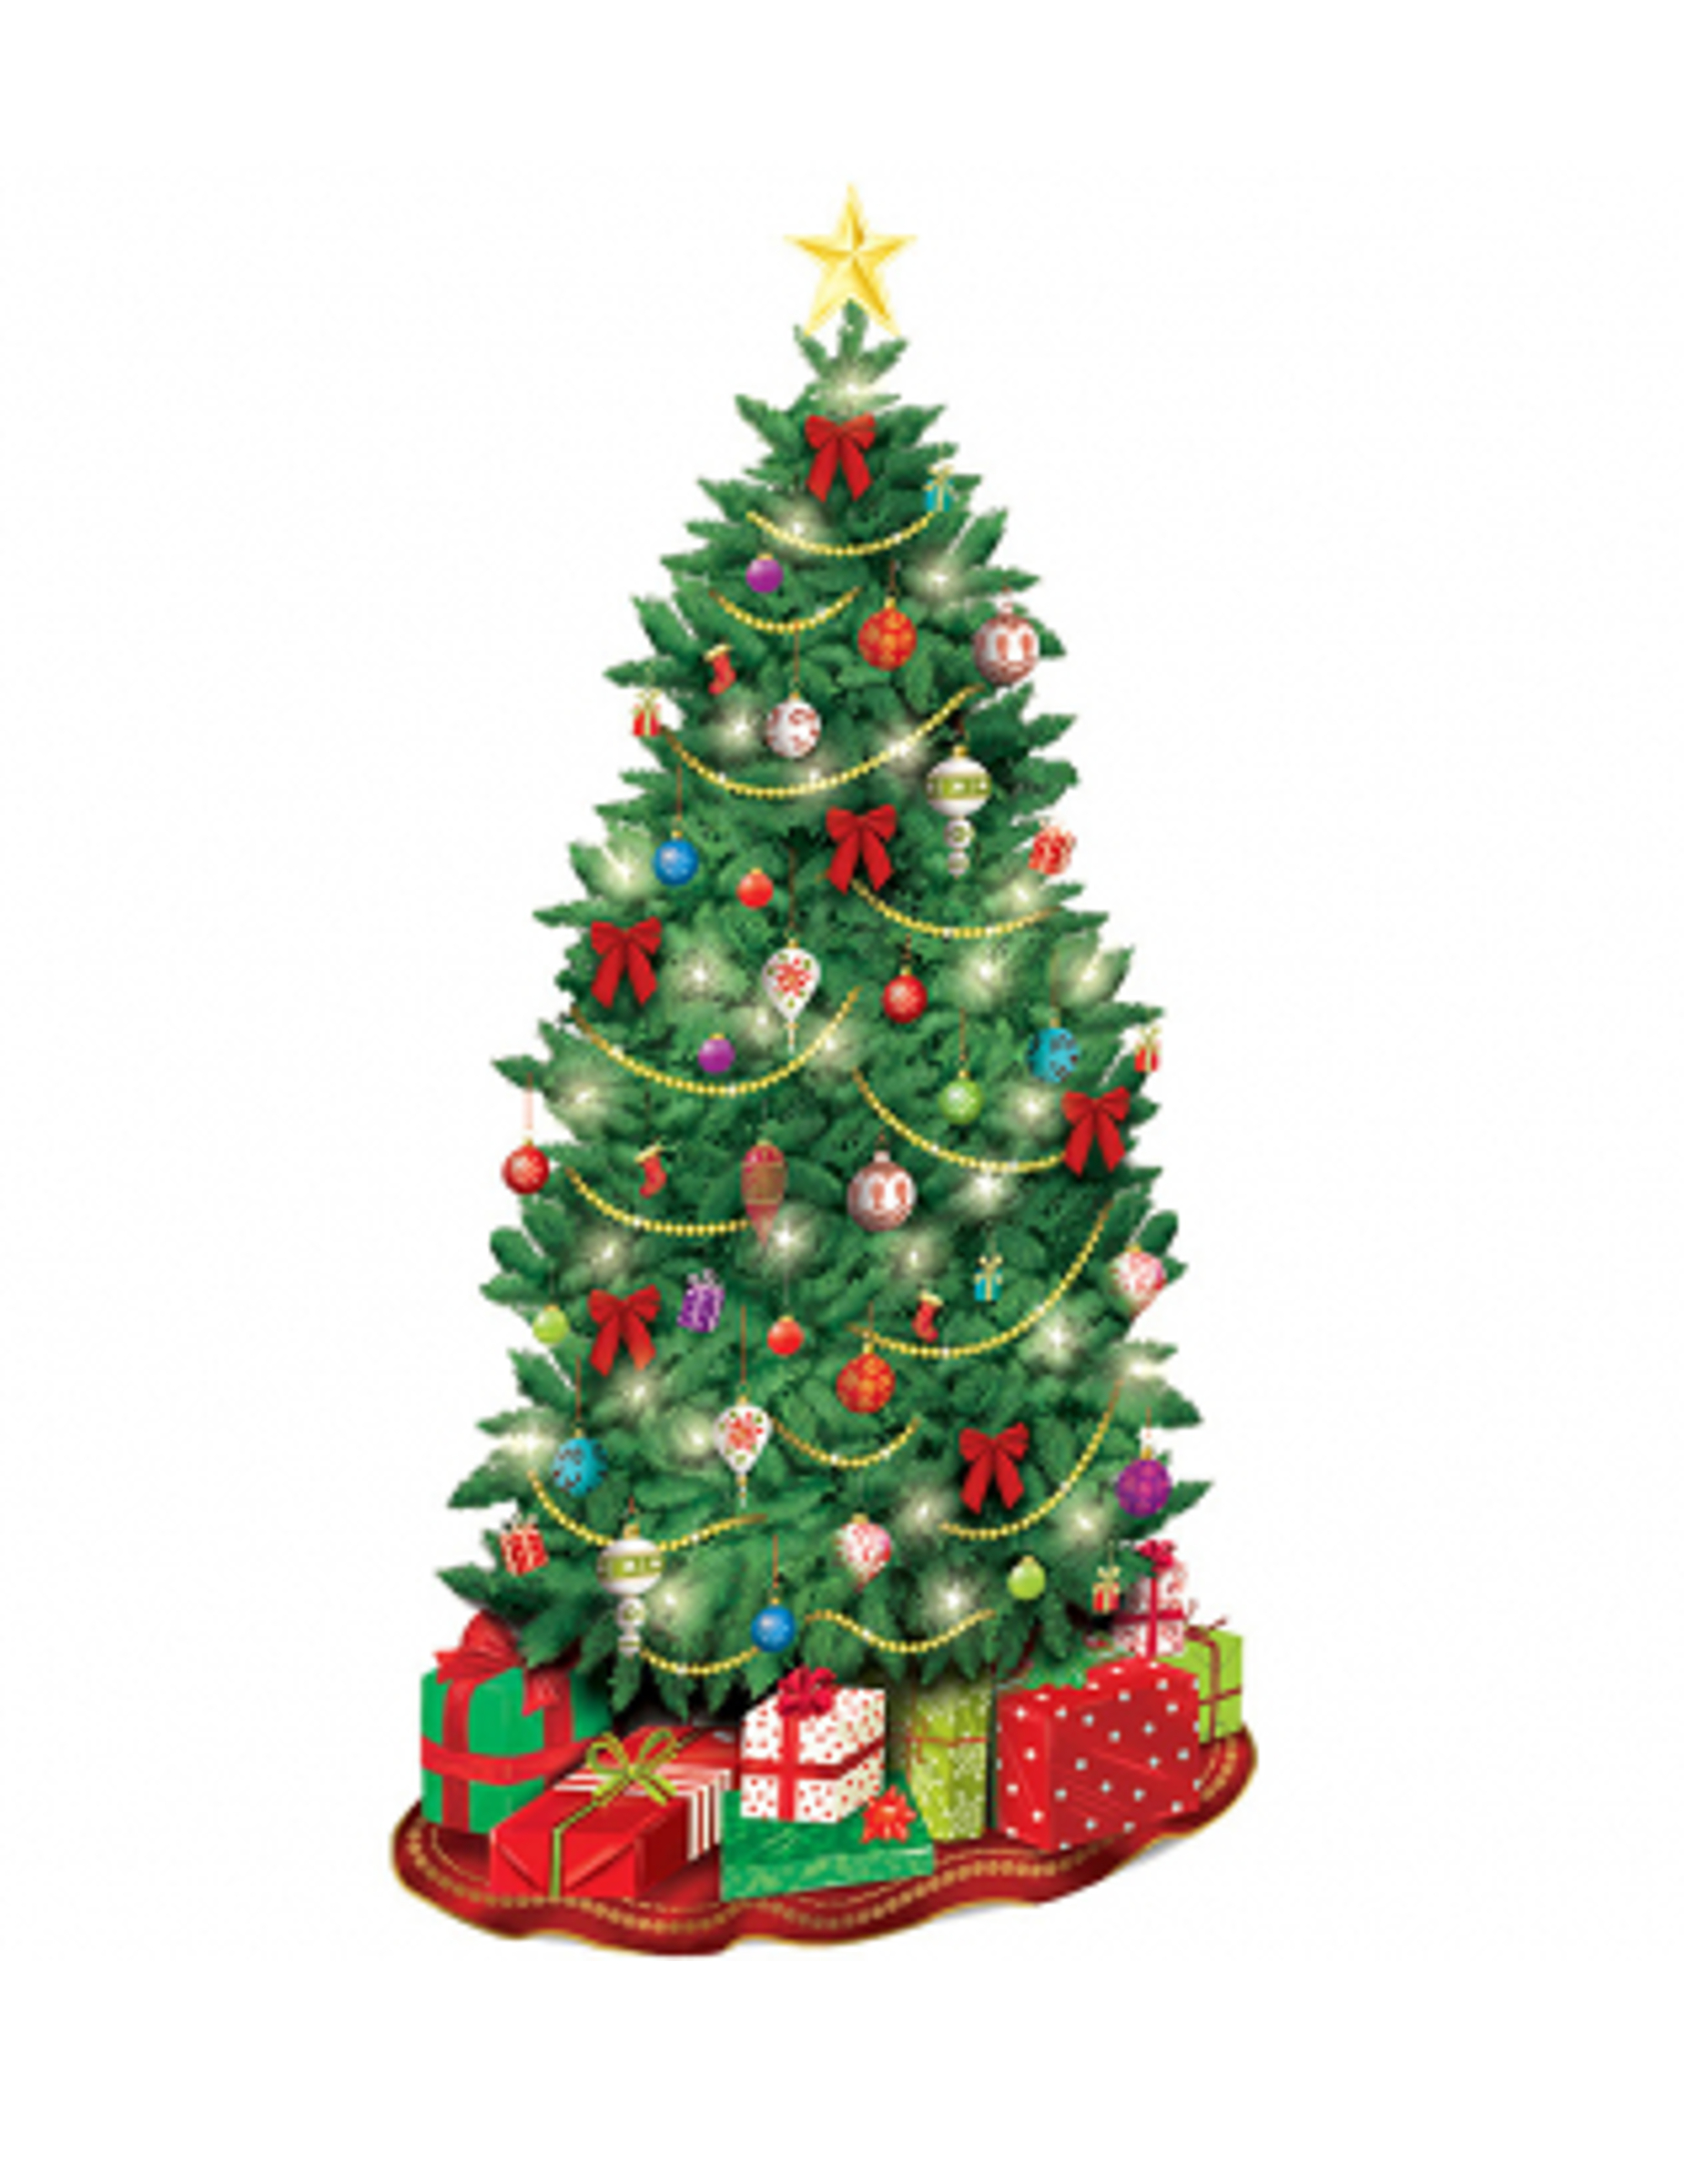 Weihnachtsbaum Weihnachten.Geschmückter Weihnachtsbaum Wanddeko Weihnachten